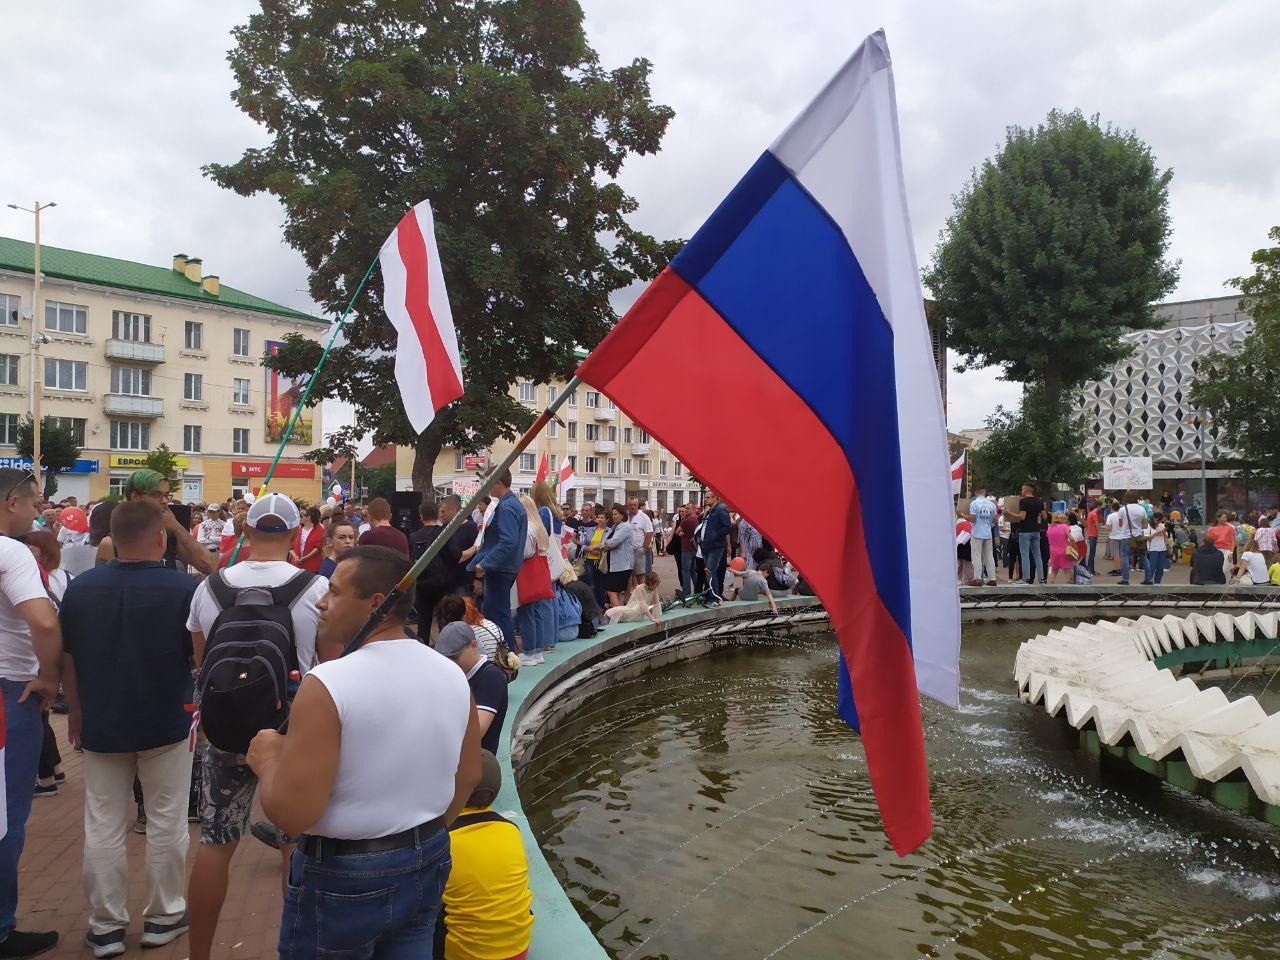 Протесты в Барановичах 23 августа. Мужчина пришел с российским флагом, чтобы поддержать протестующих. Фото: Intex-press